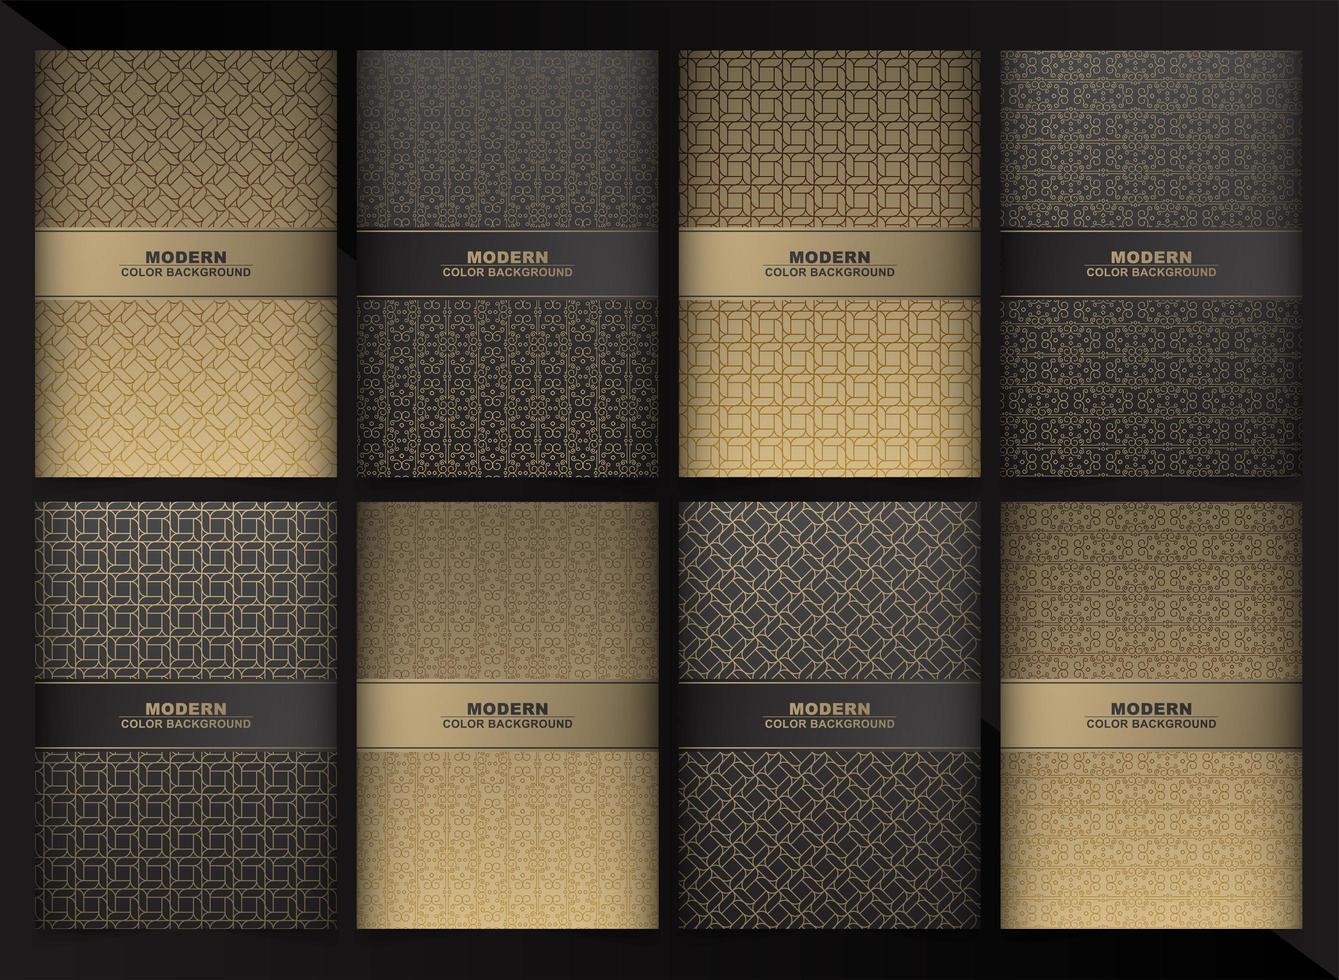 collection de couvertures minimales de couleur noire et or abstraite vecteur